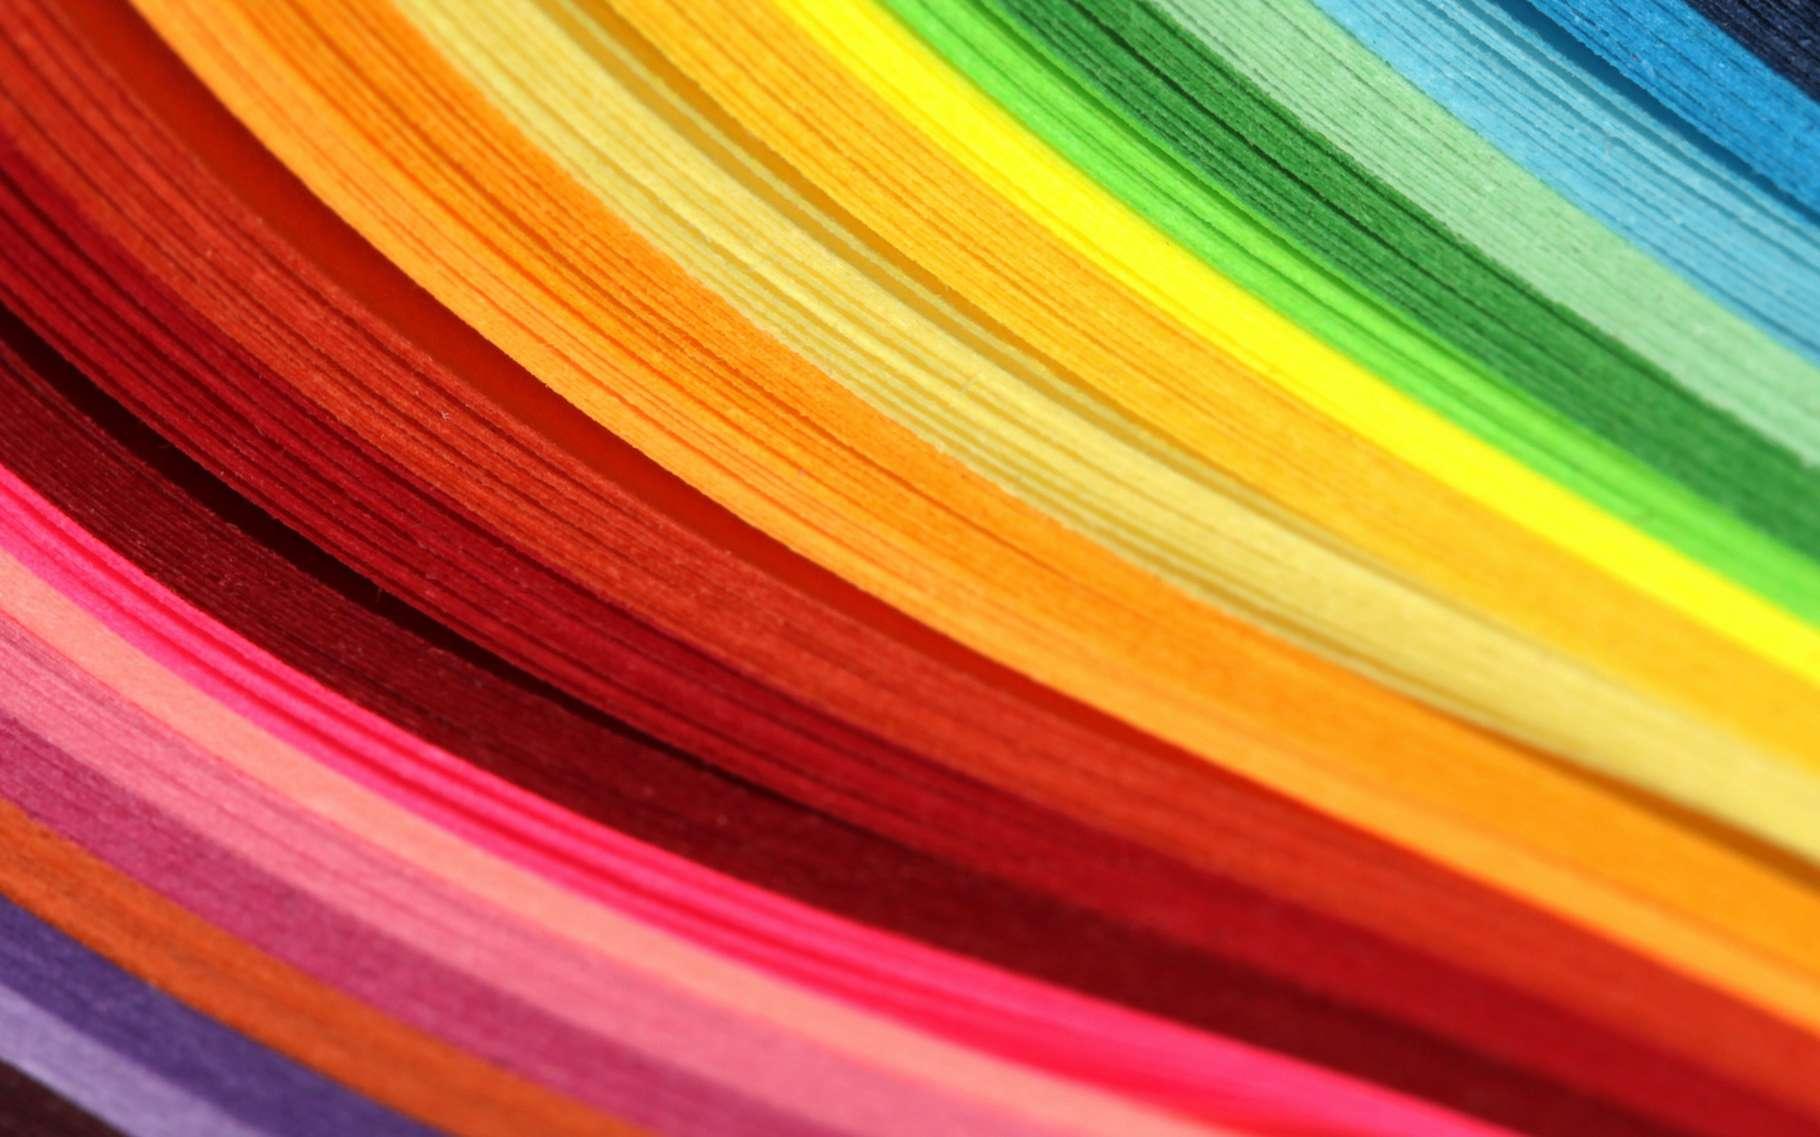 Un nouveau système utilise de la lumière UV projetée sur des objets recouverts d'un colorant activé par la lumière pour modifier les propriétés réfléchissantes de ce colorant, créant des images en quelques minutes seulement. © Liliia, Adobe Stock